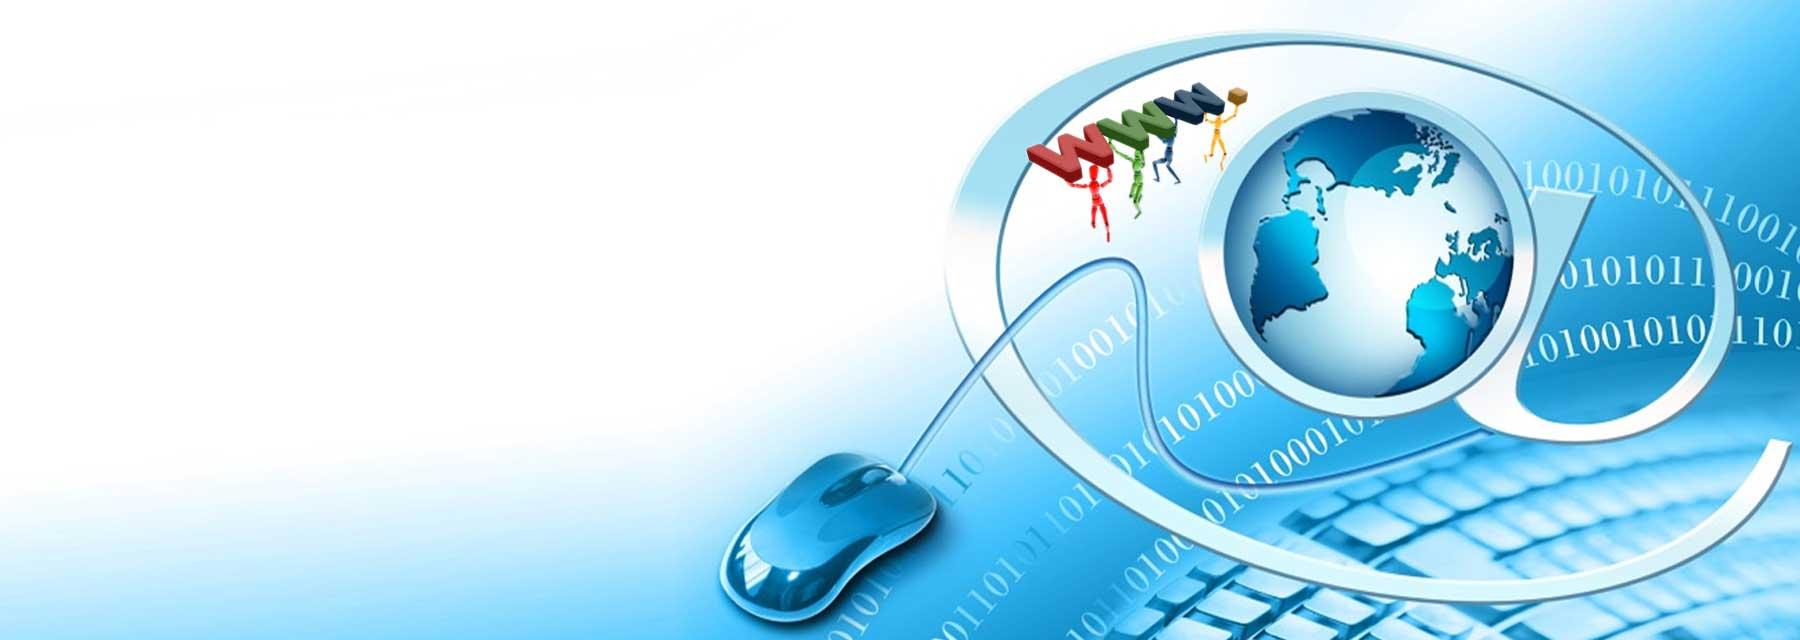 Infonet Technology